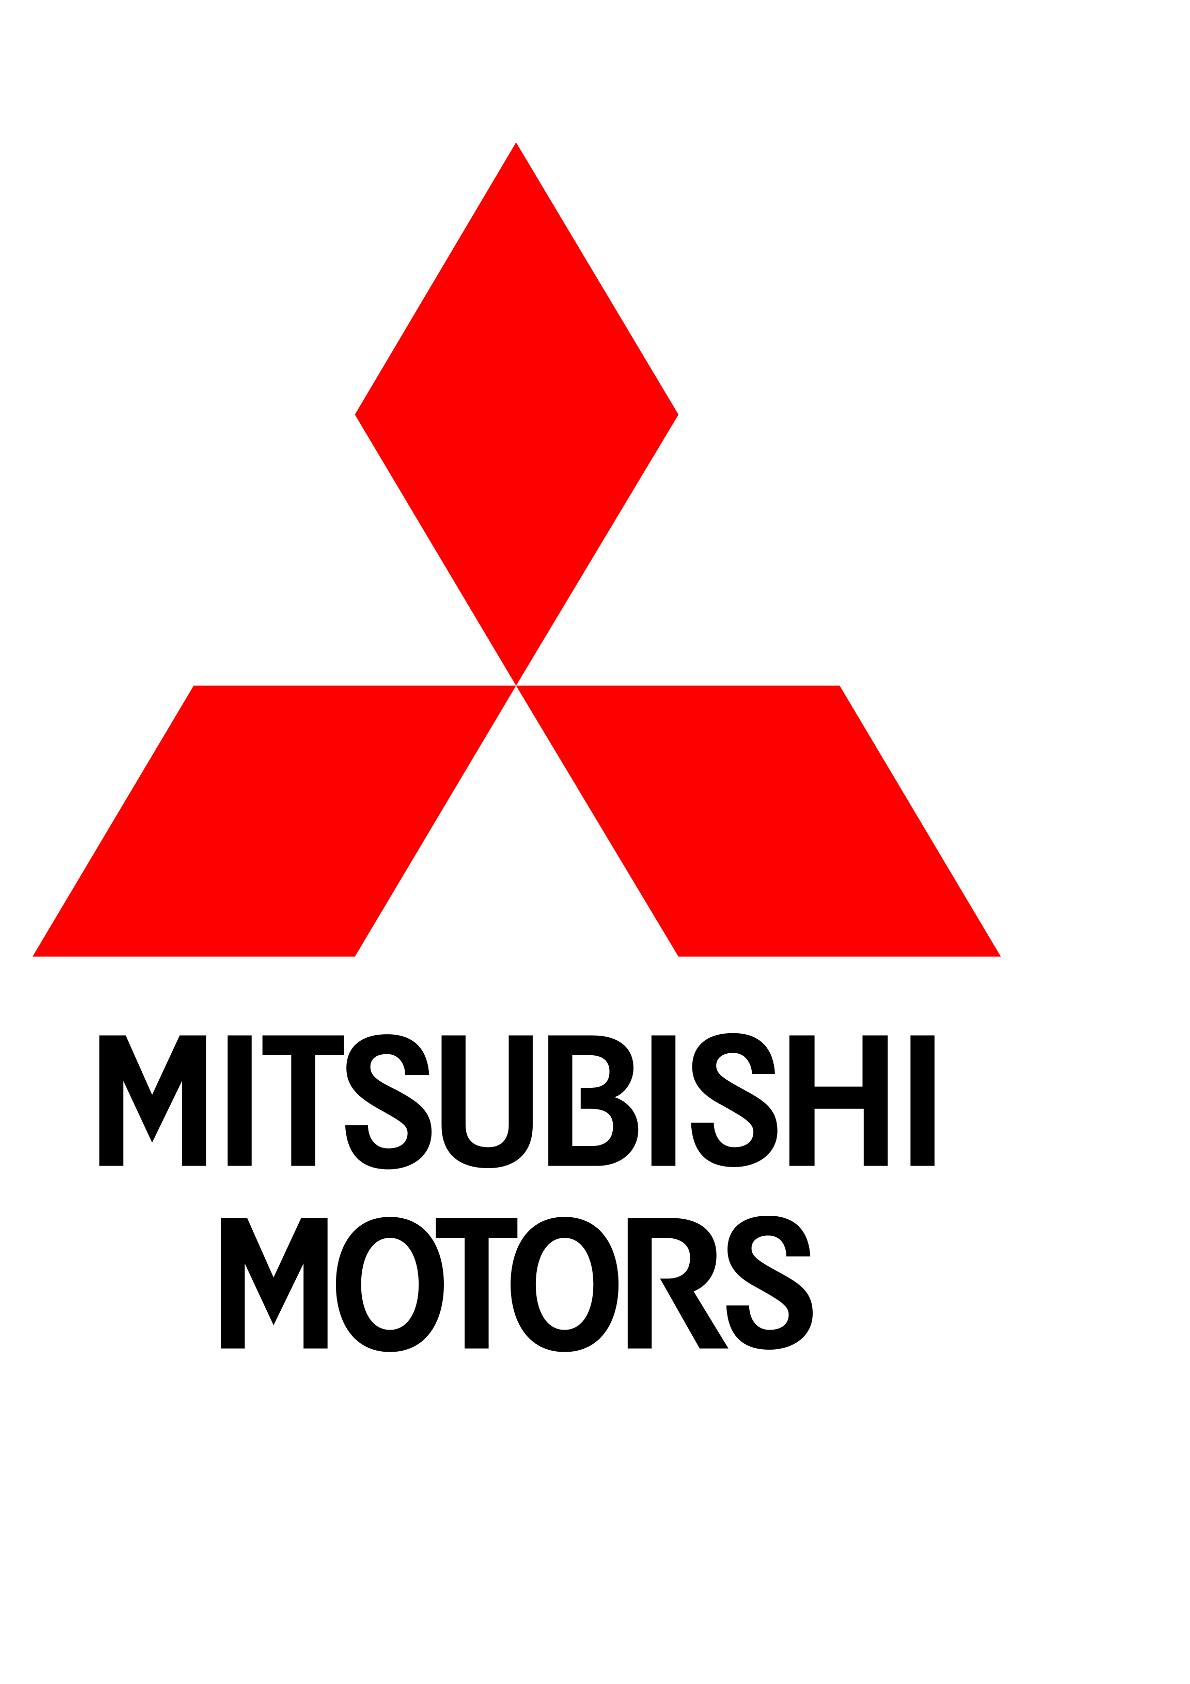 Mitsubishi-logo-2000x2500-1